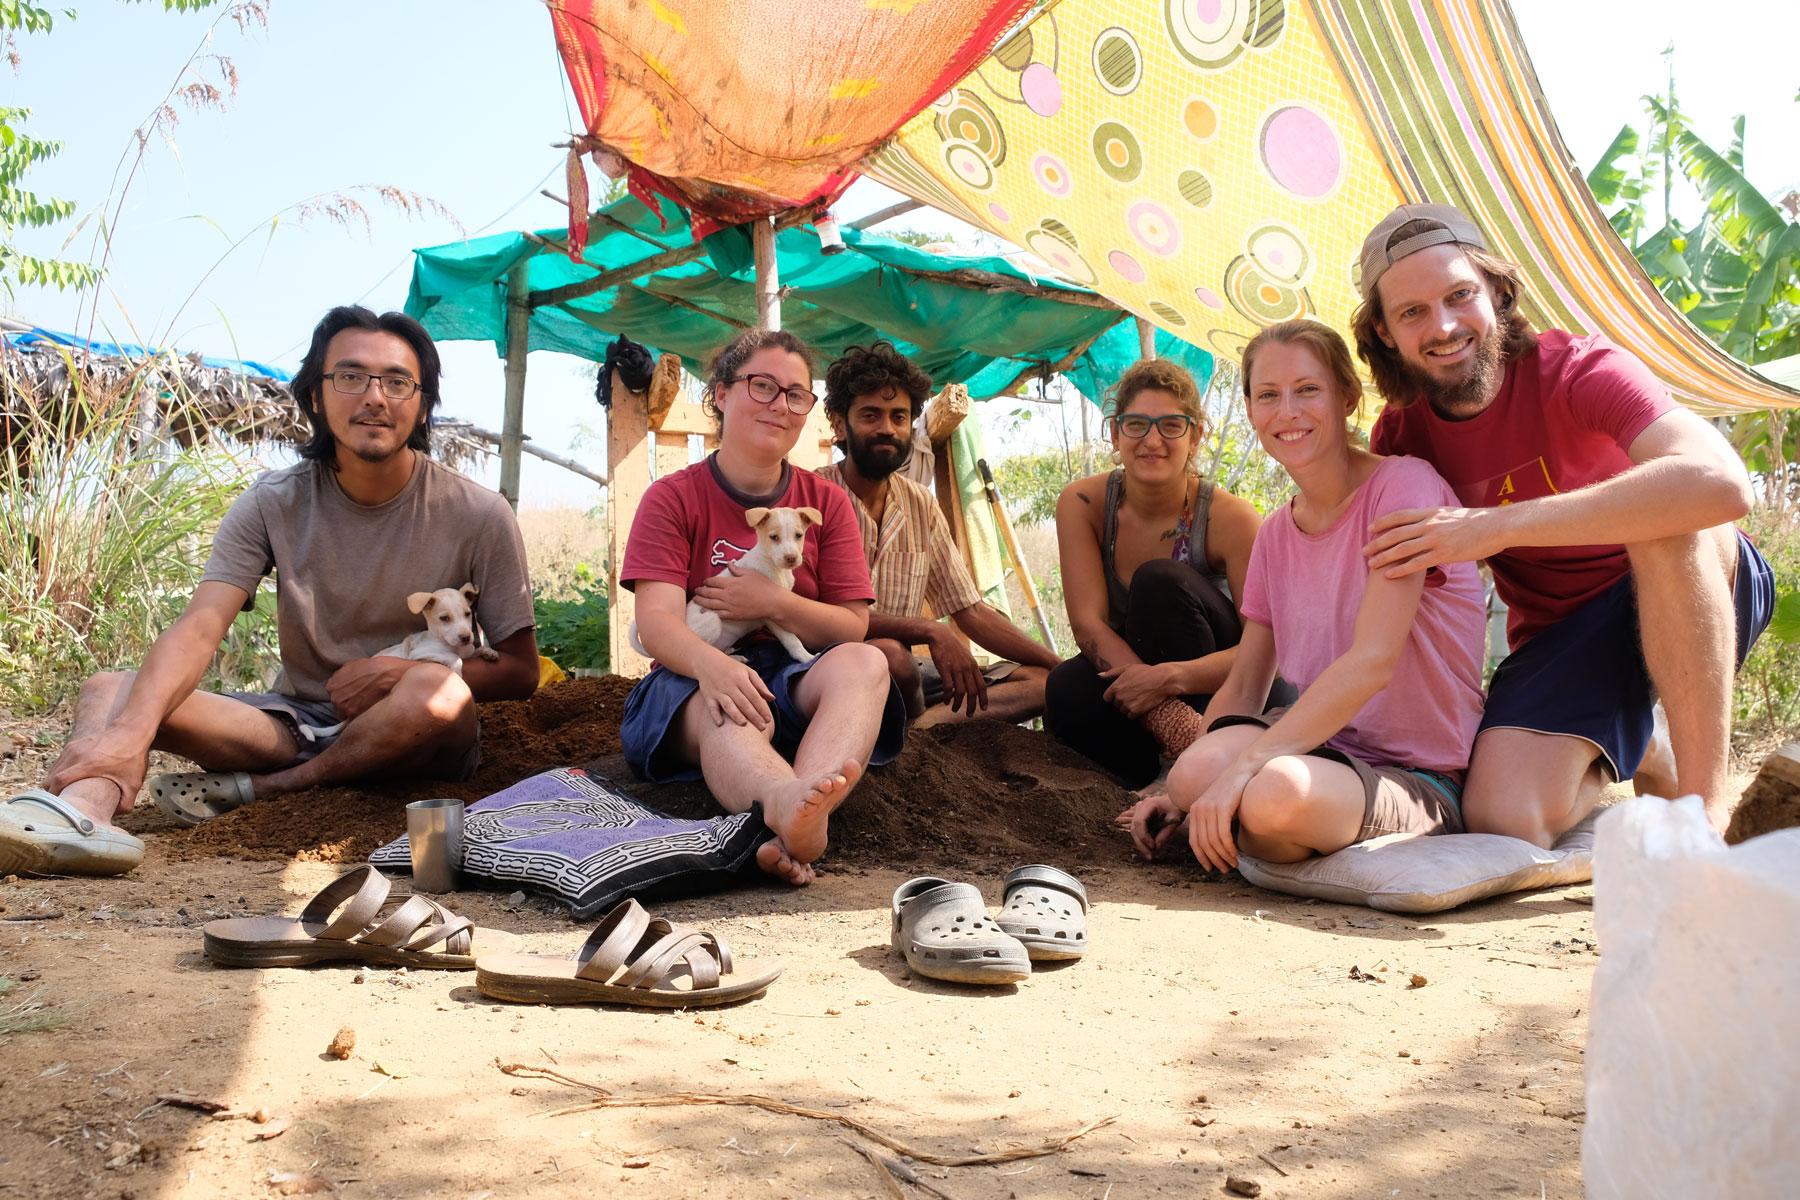 Leo und Sebastian mit anderen Freiwilligen beim Workaway in Indien.